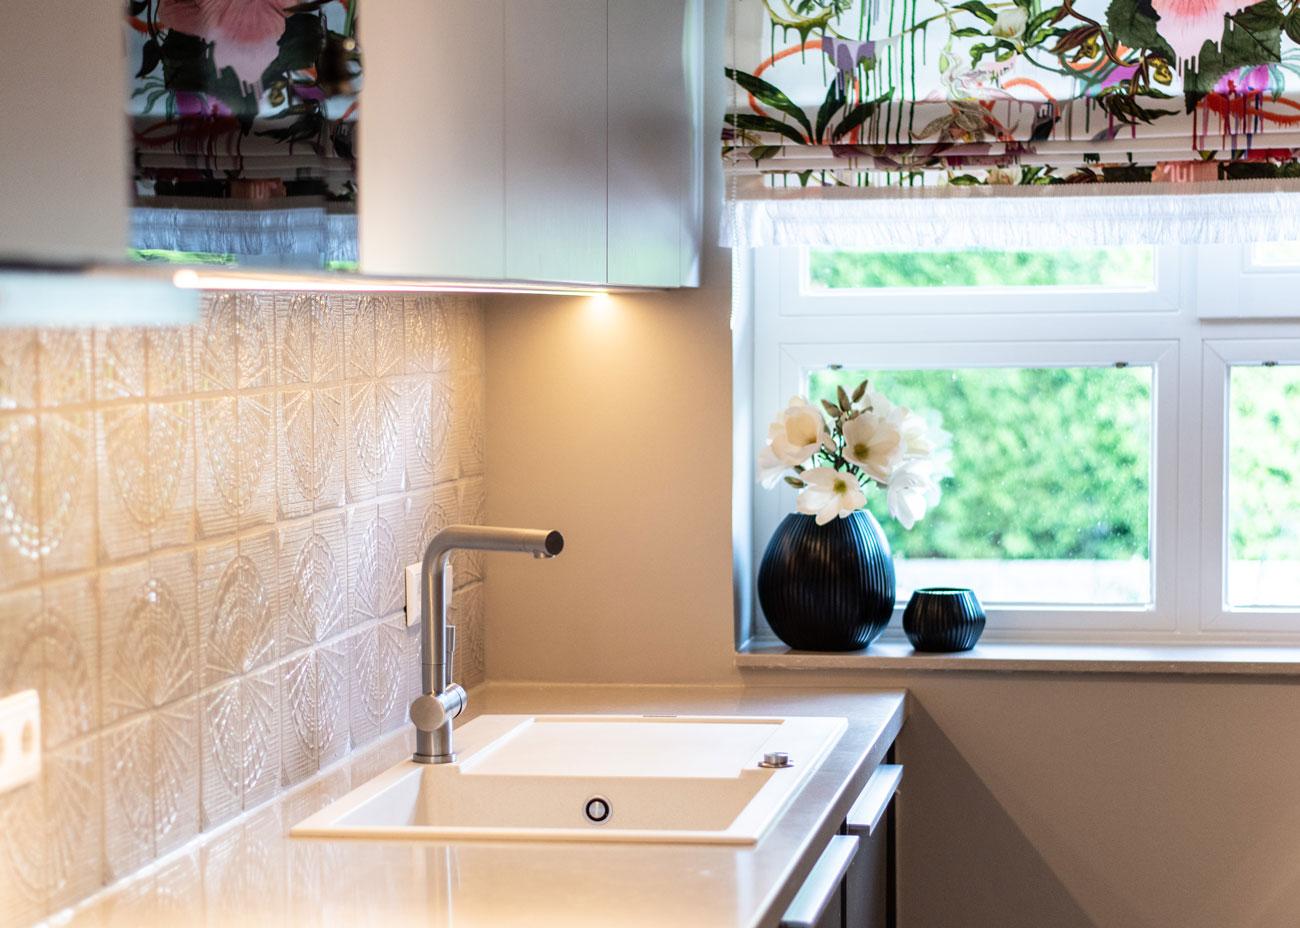 haus renovieren ideen küche rückwand gaudi fliesen taupe raffrollo spüle weiss